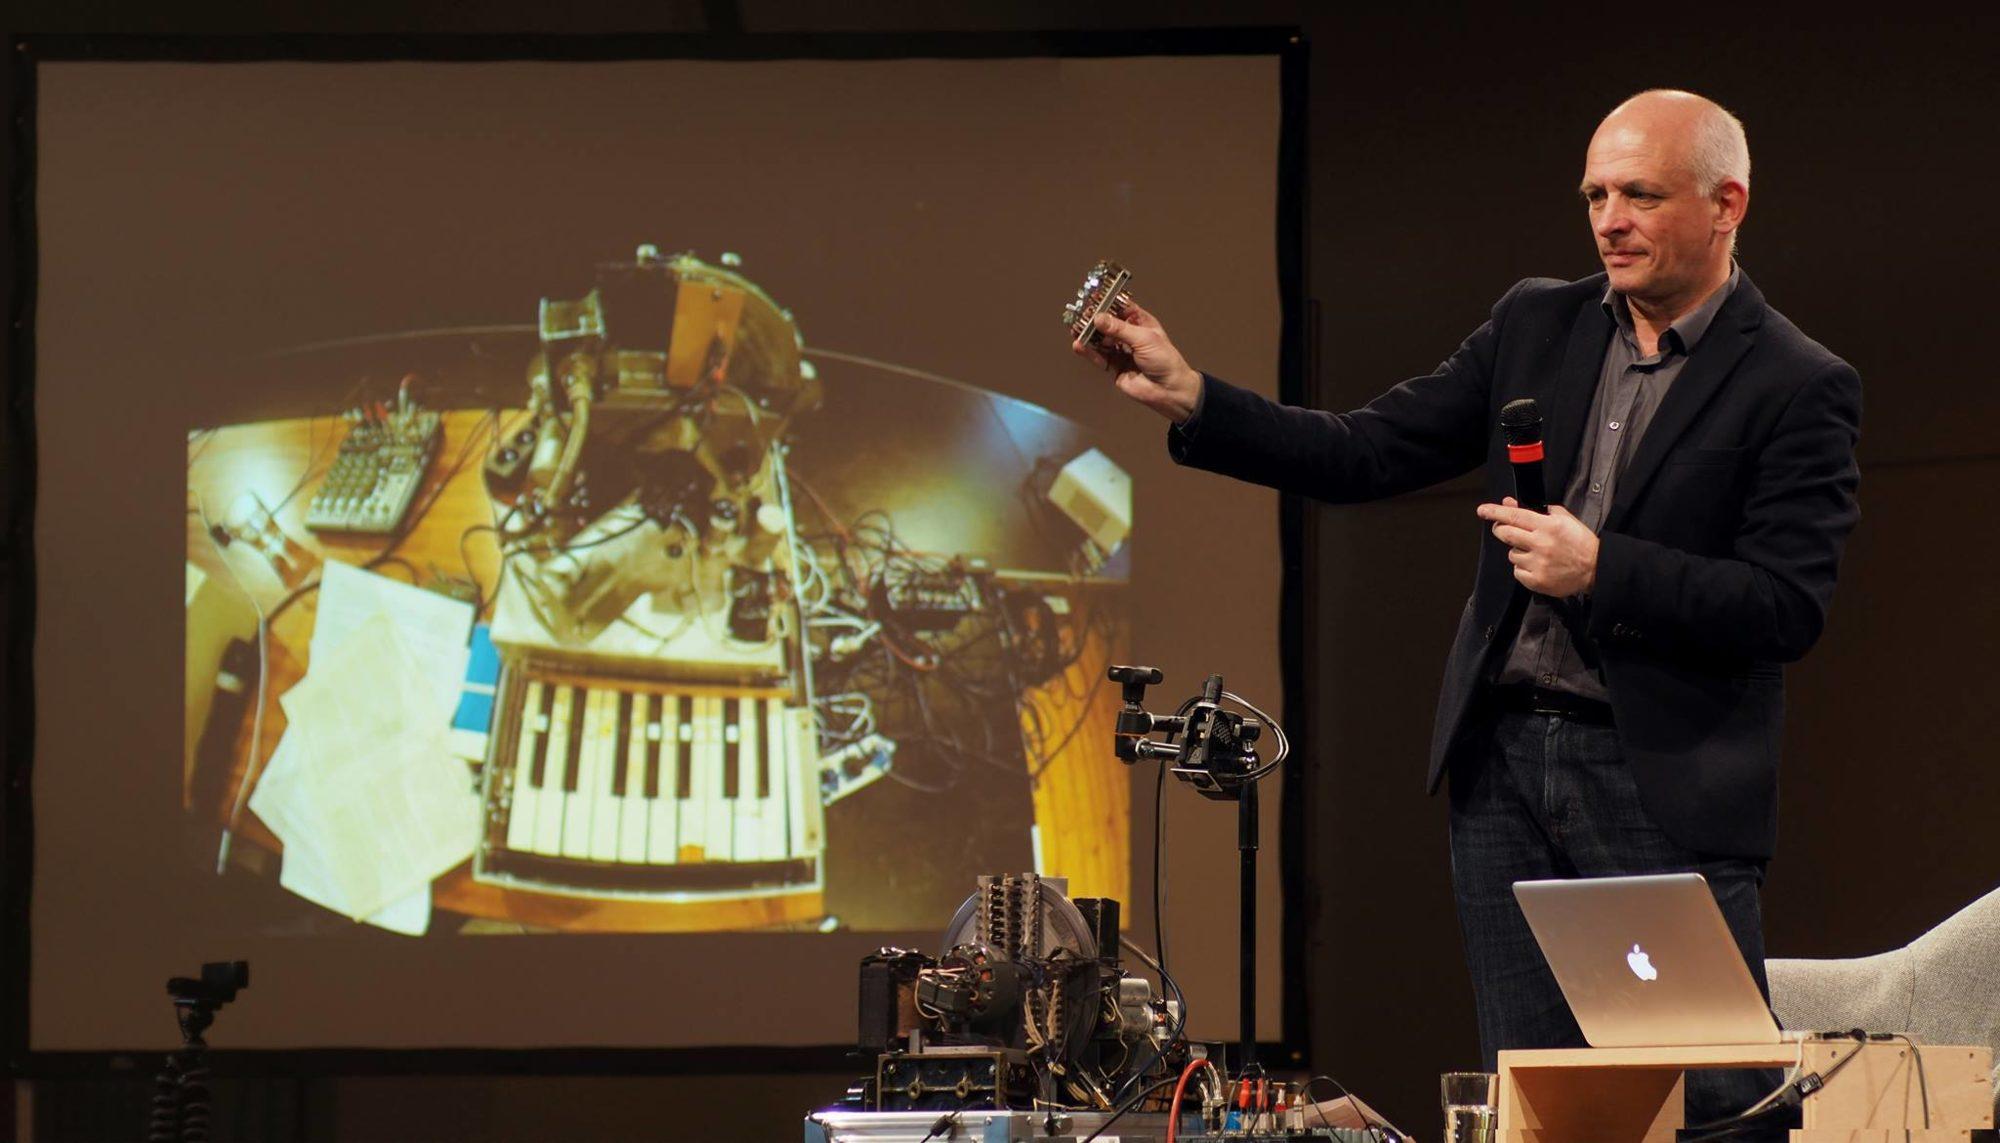 Выставка «Лаборатории слуха»  в «Электромузее в Ростокино» – события на сайте «Московские Сезоны»